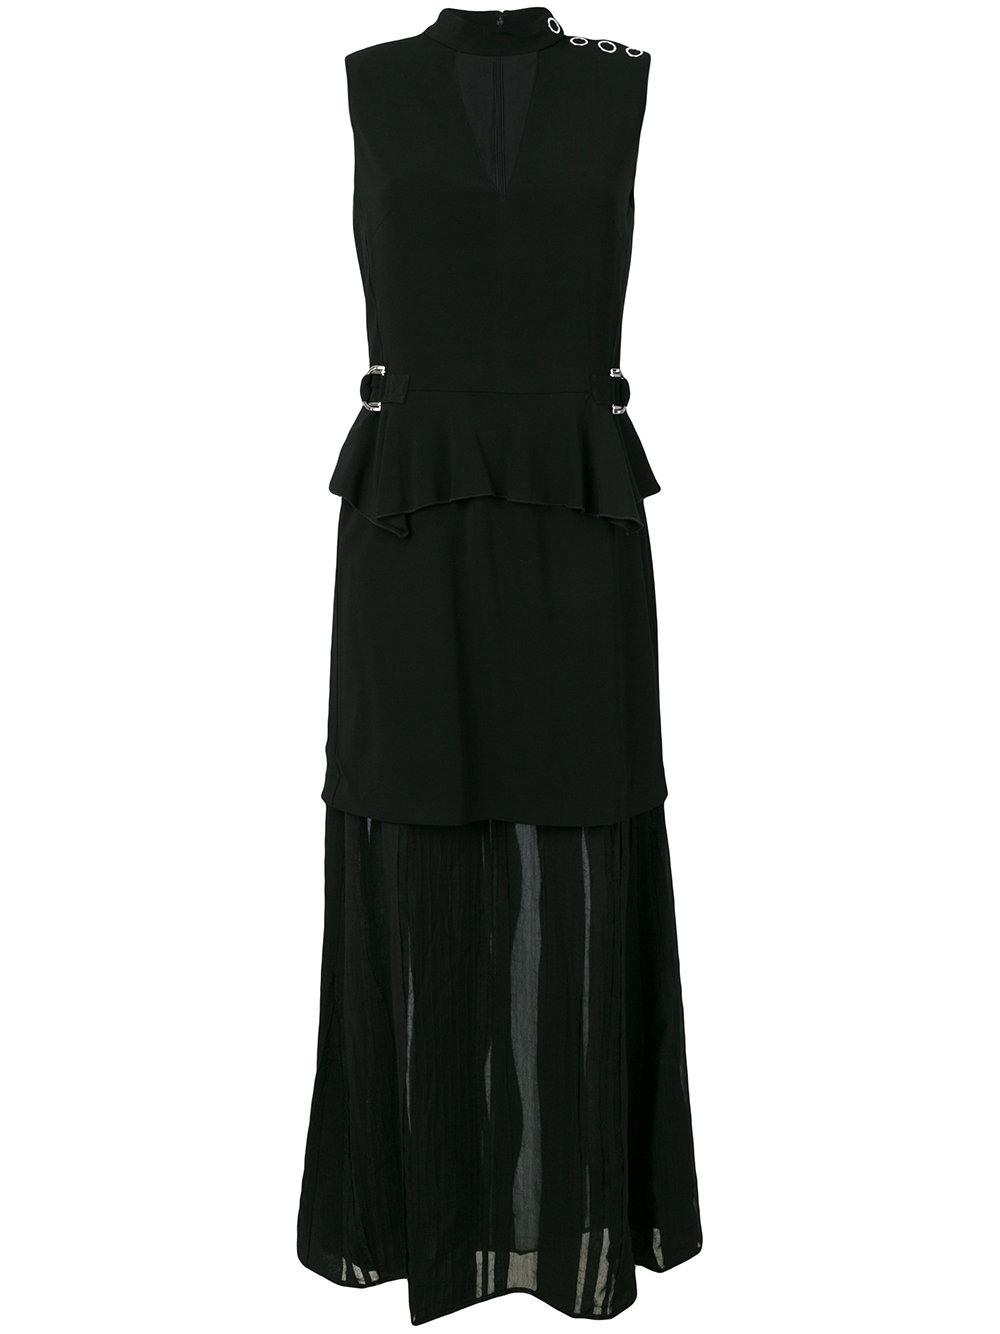 Schön Damen Kleider Abendkleid Bester PreisAbend Kreativ Damen Kleider Abendkleid Bester Preis